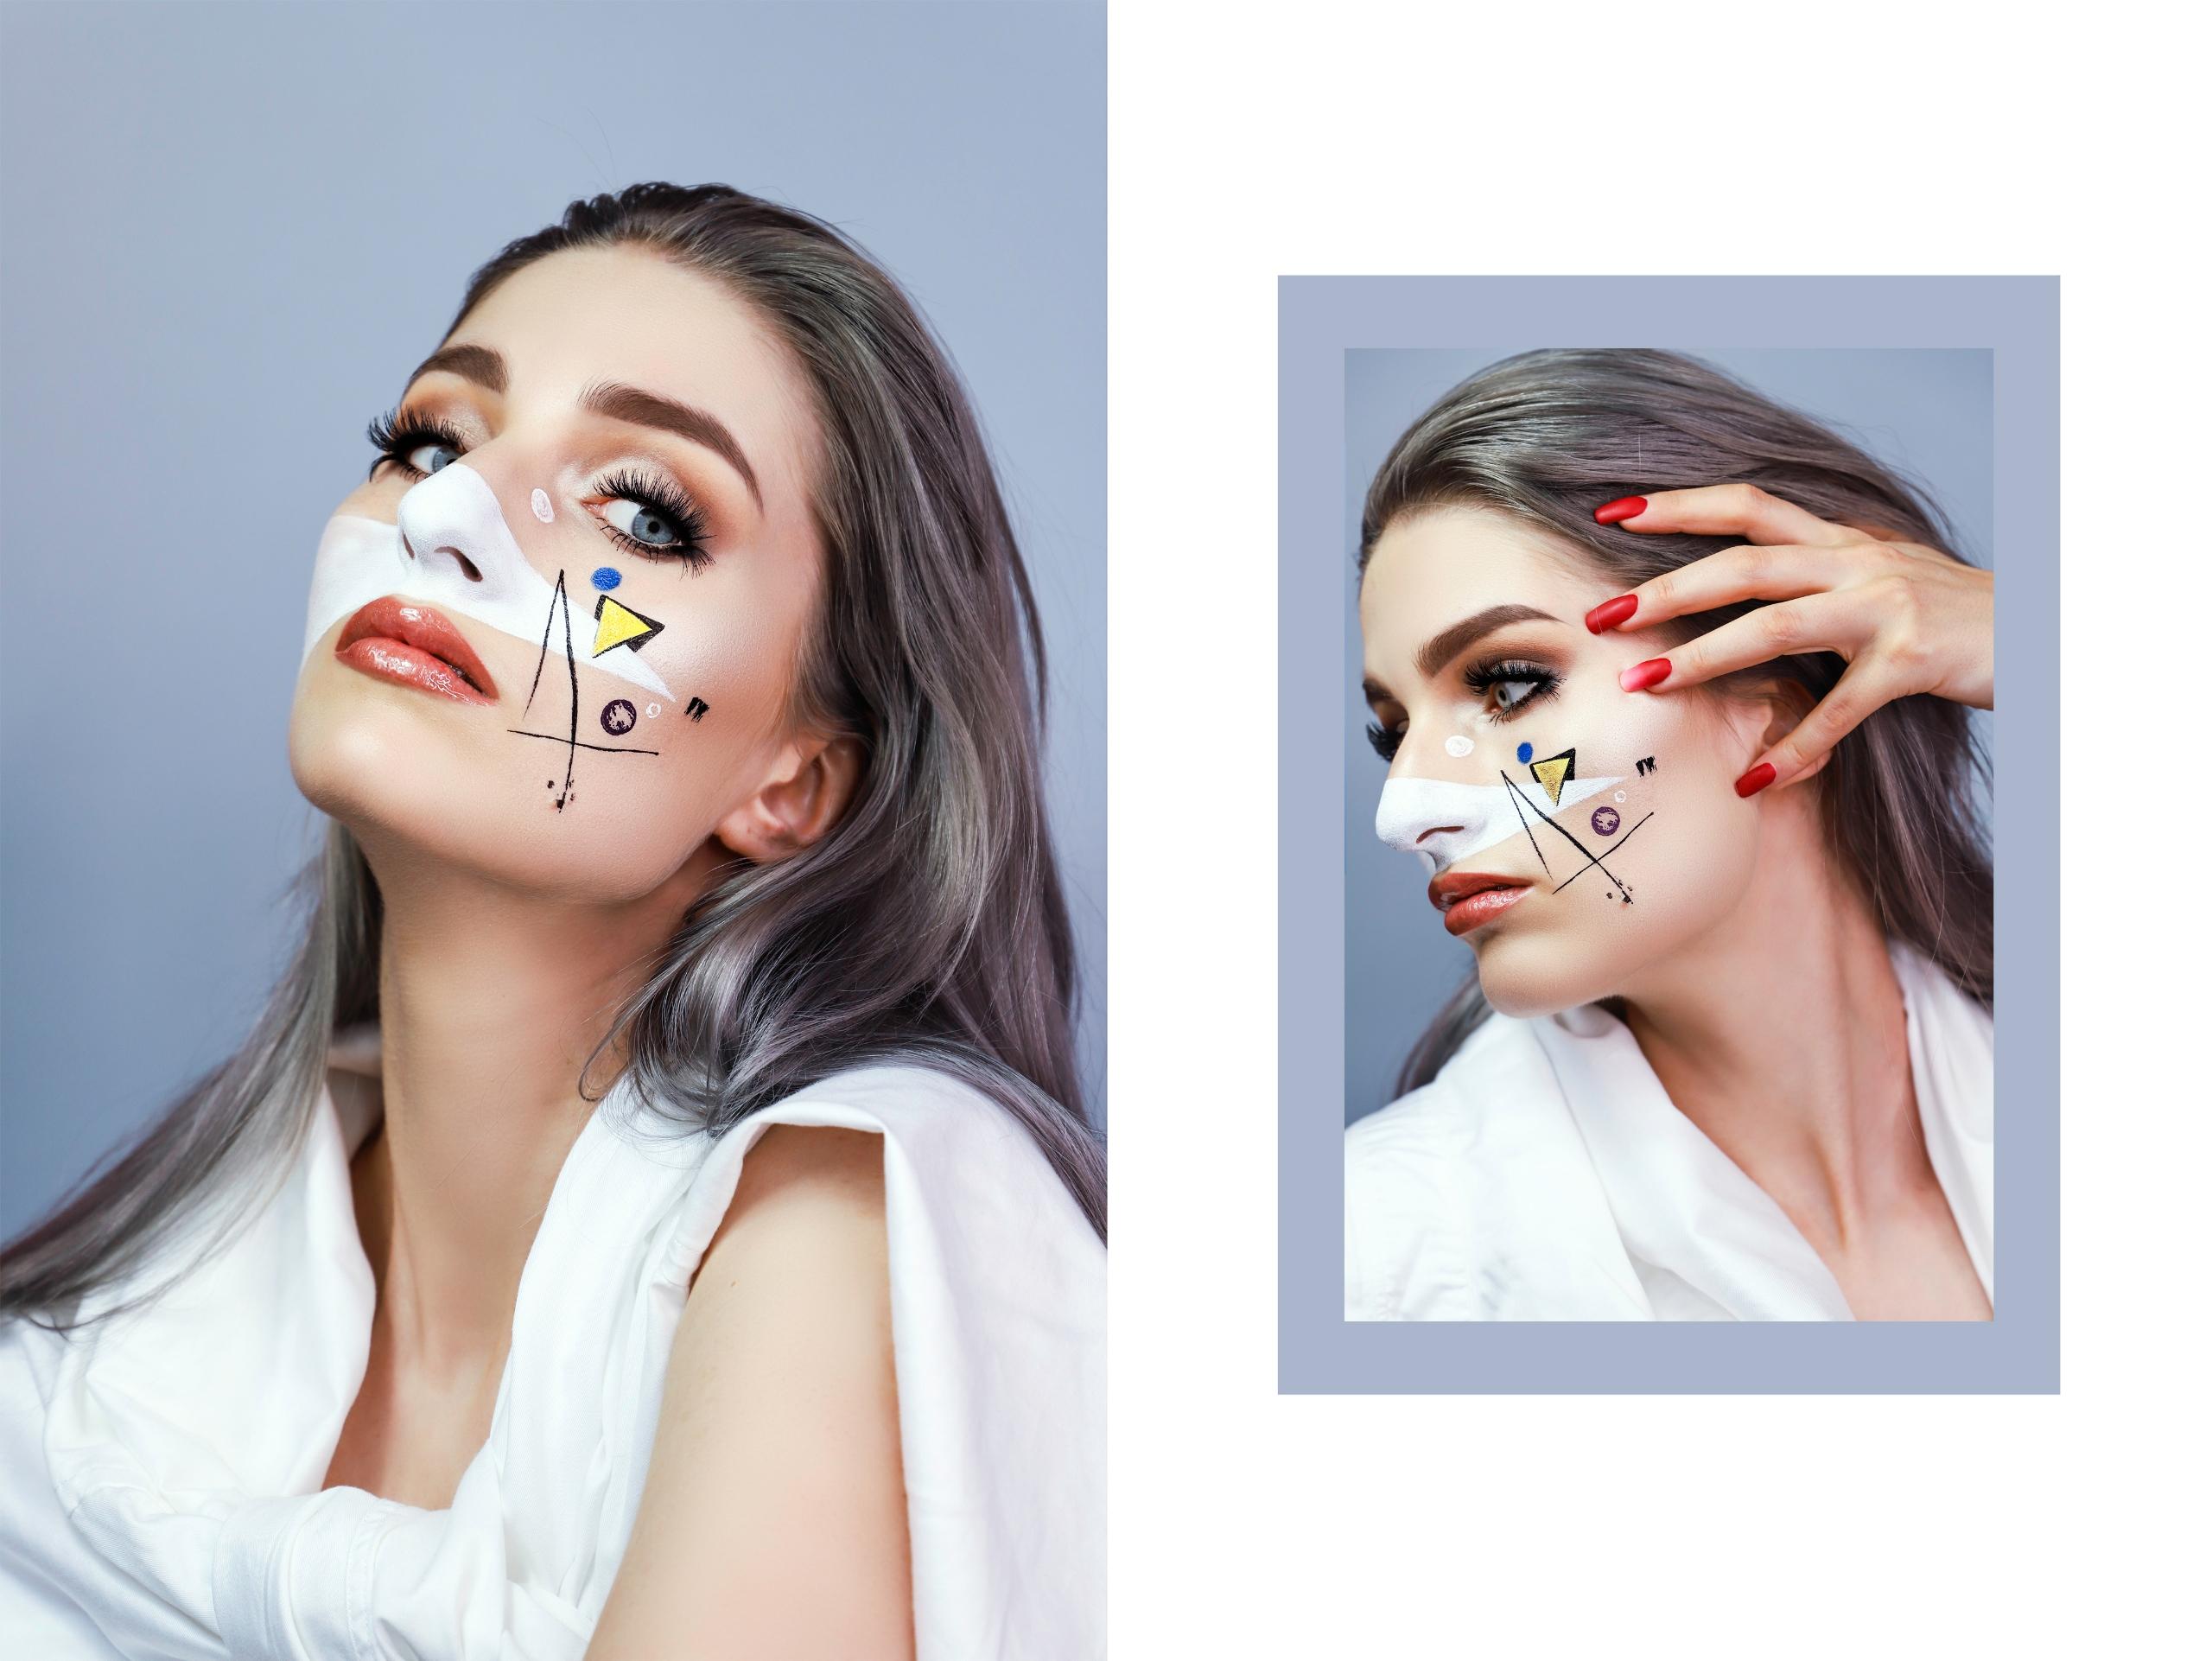 Obraz przedstawia dwa zdjęcia kobiety w graficznym makijażu na szarym tle. Zdjęcie z prawej strony jest mniejsze i oprawione w ramkę.